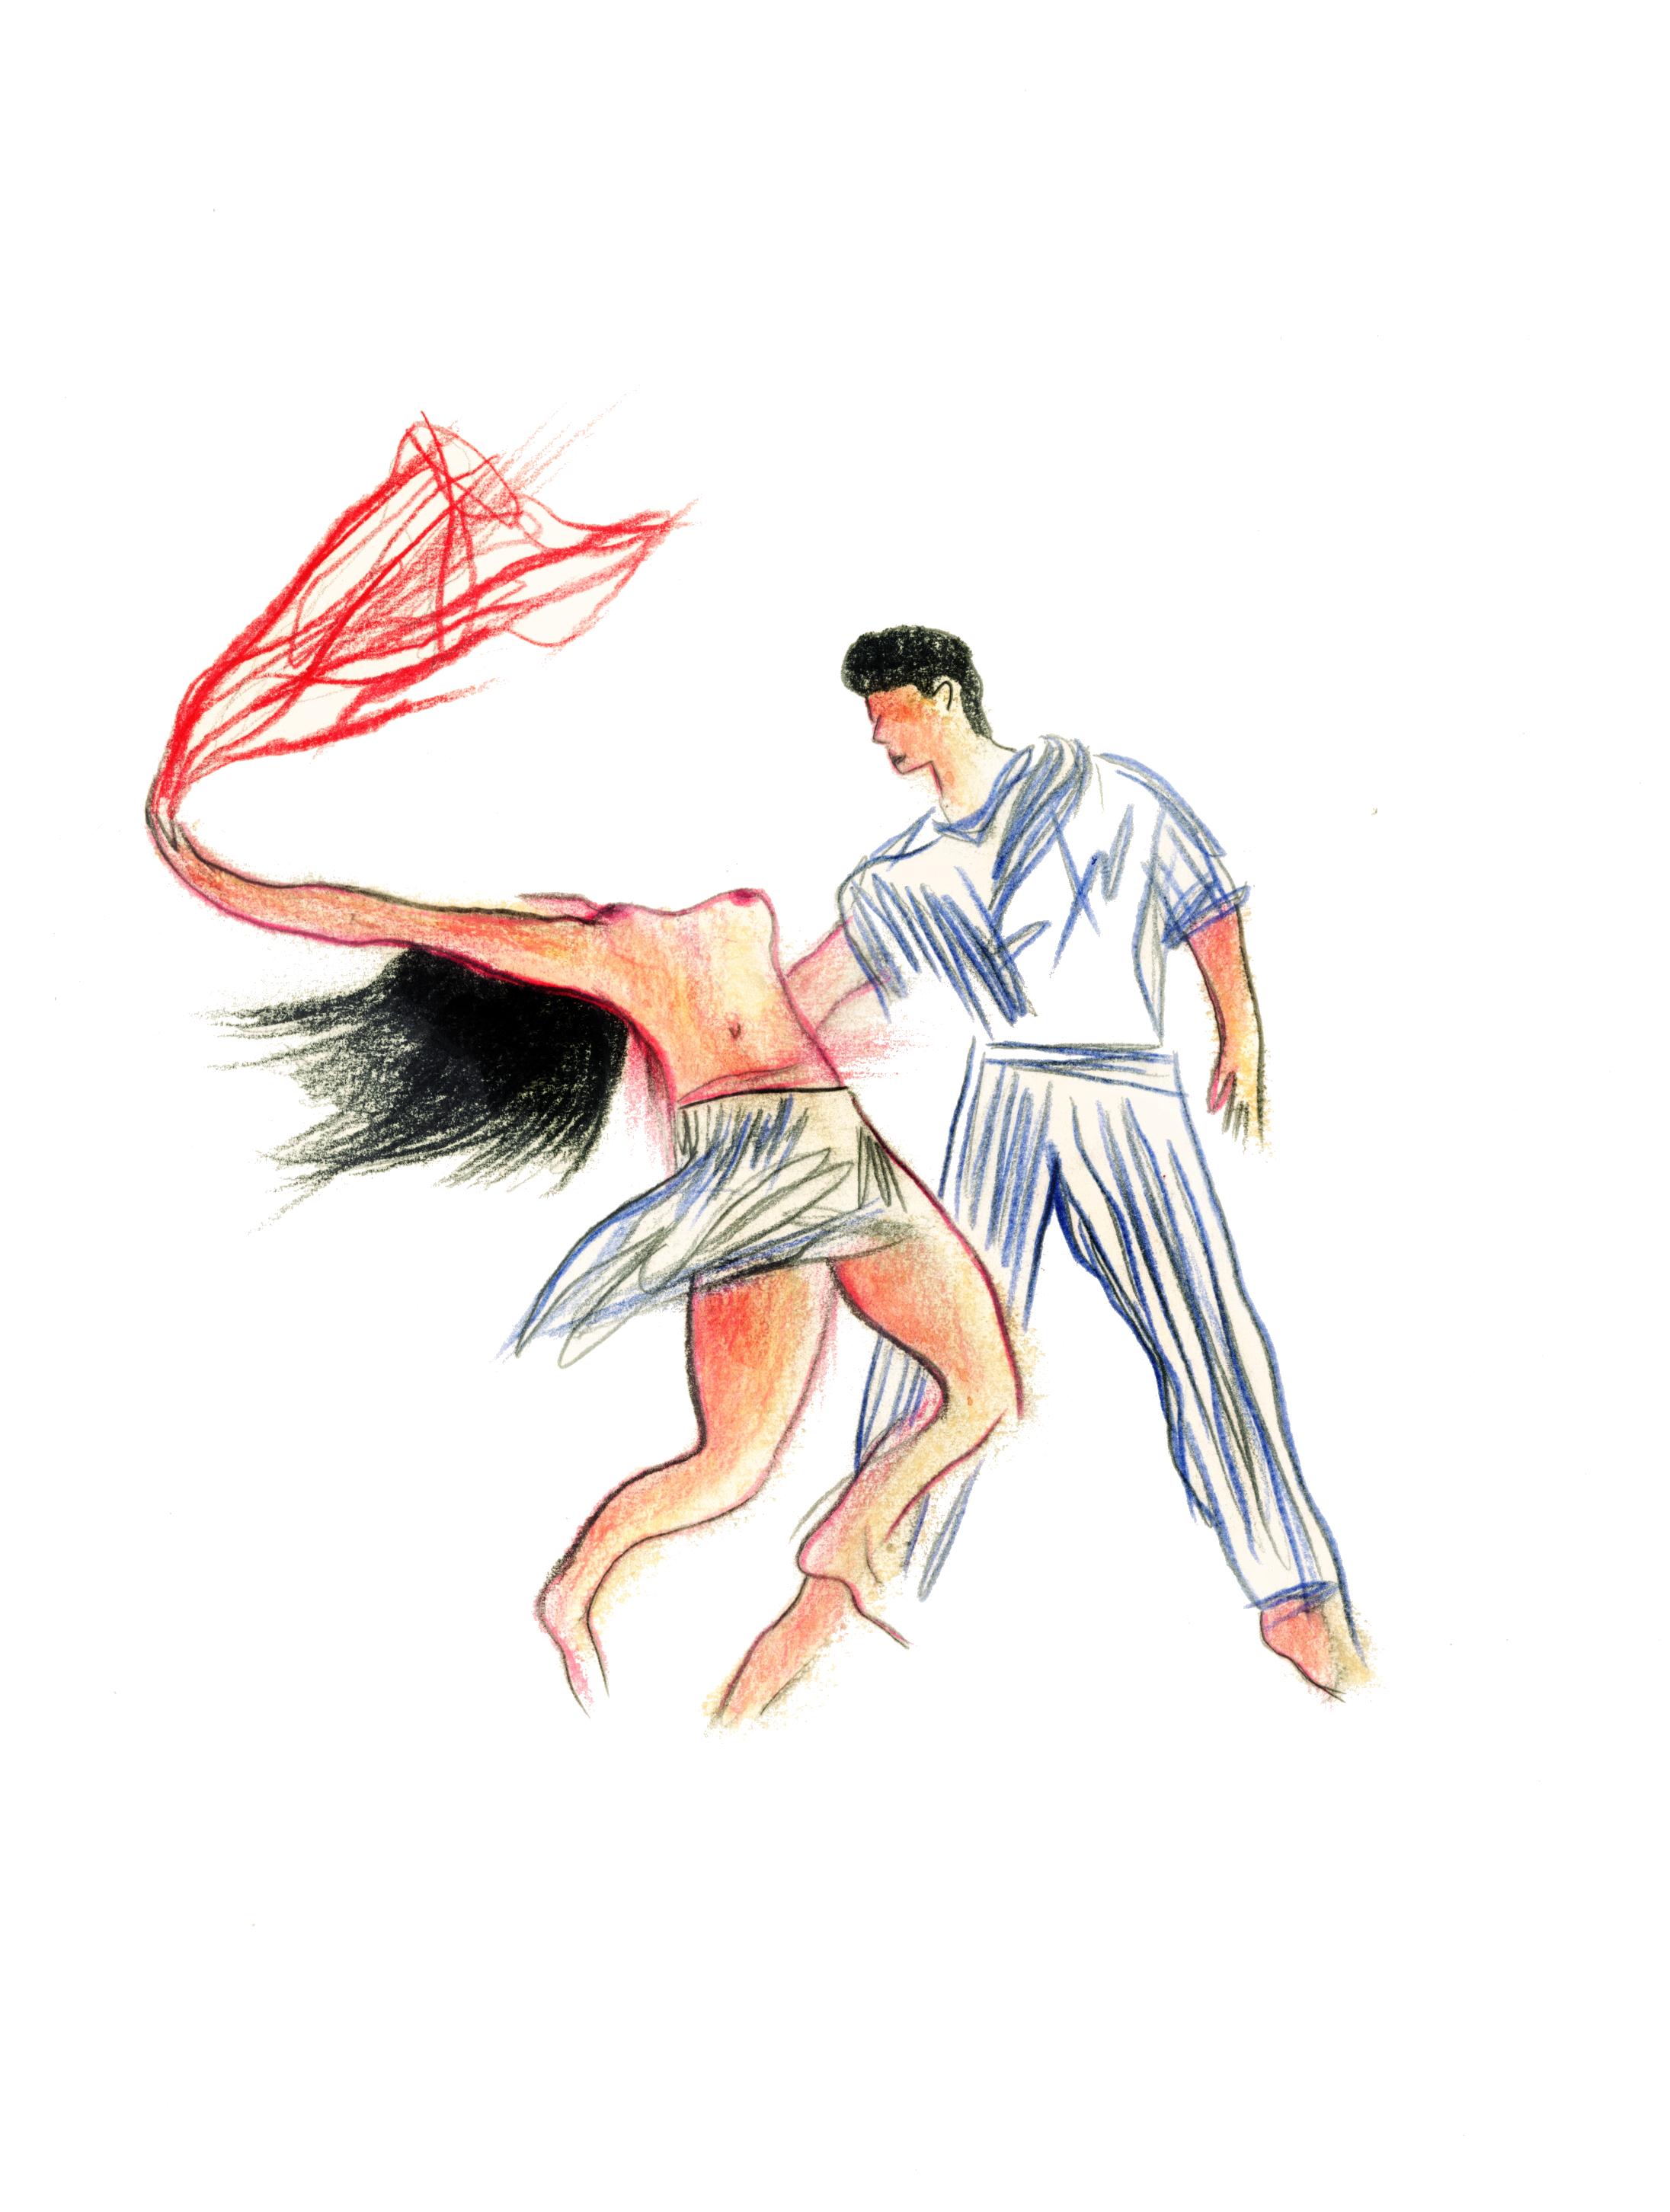 Danse 6 | GALERIE TREIZE DIX / DANSE #6 | NOÉMIE CHUST